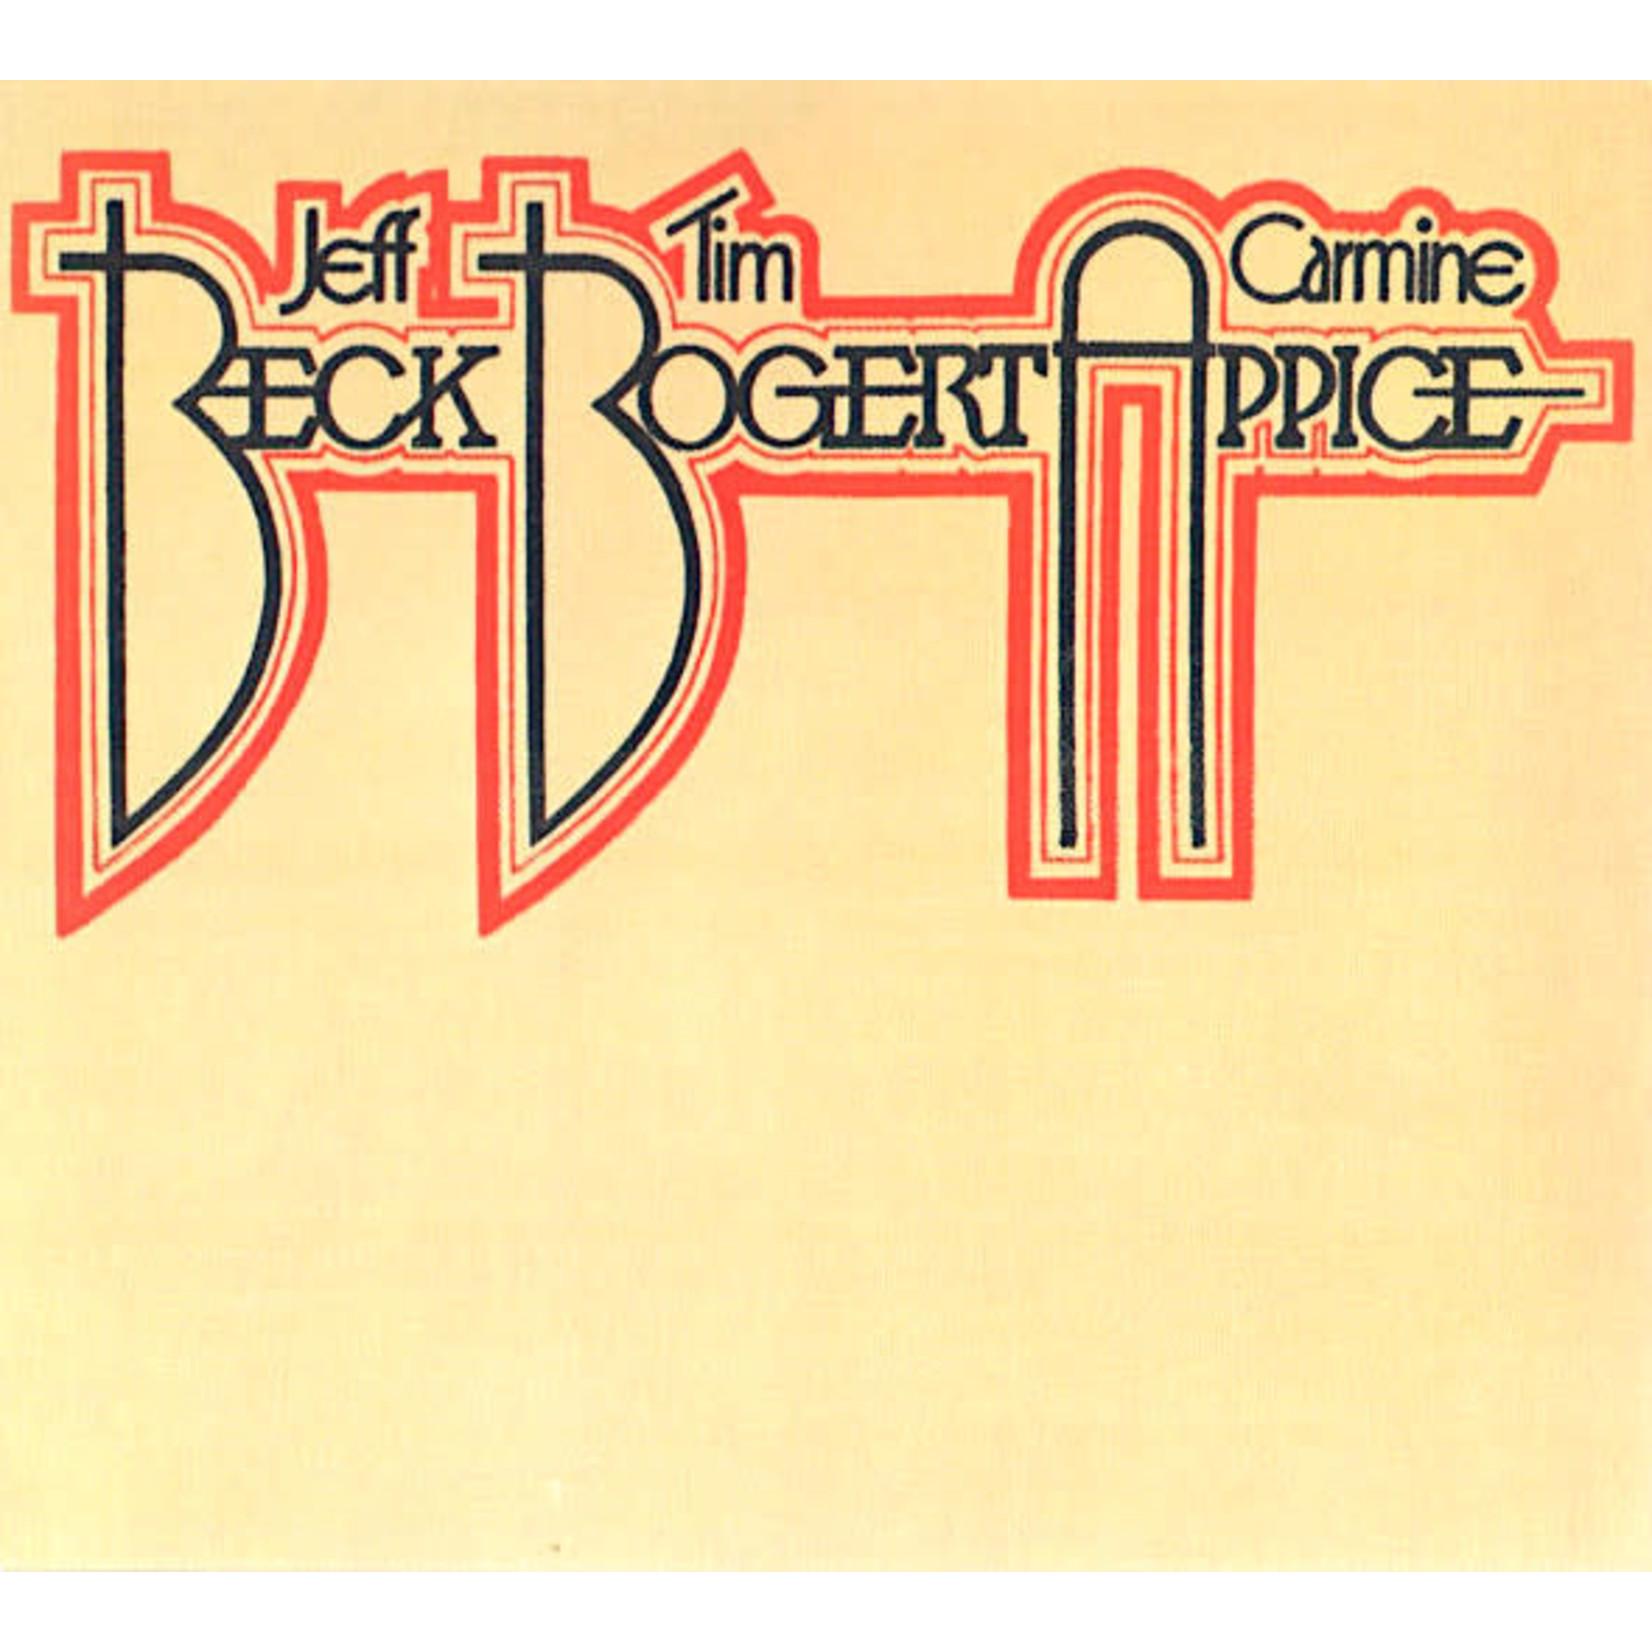 [Vintage] Beck, Bogert & Appice (Jeff Beck): self-titled